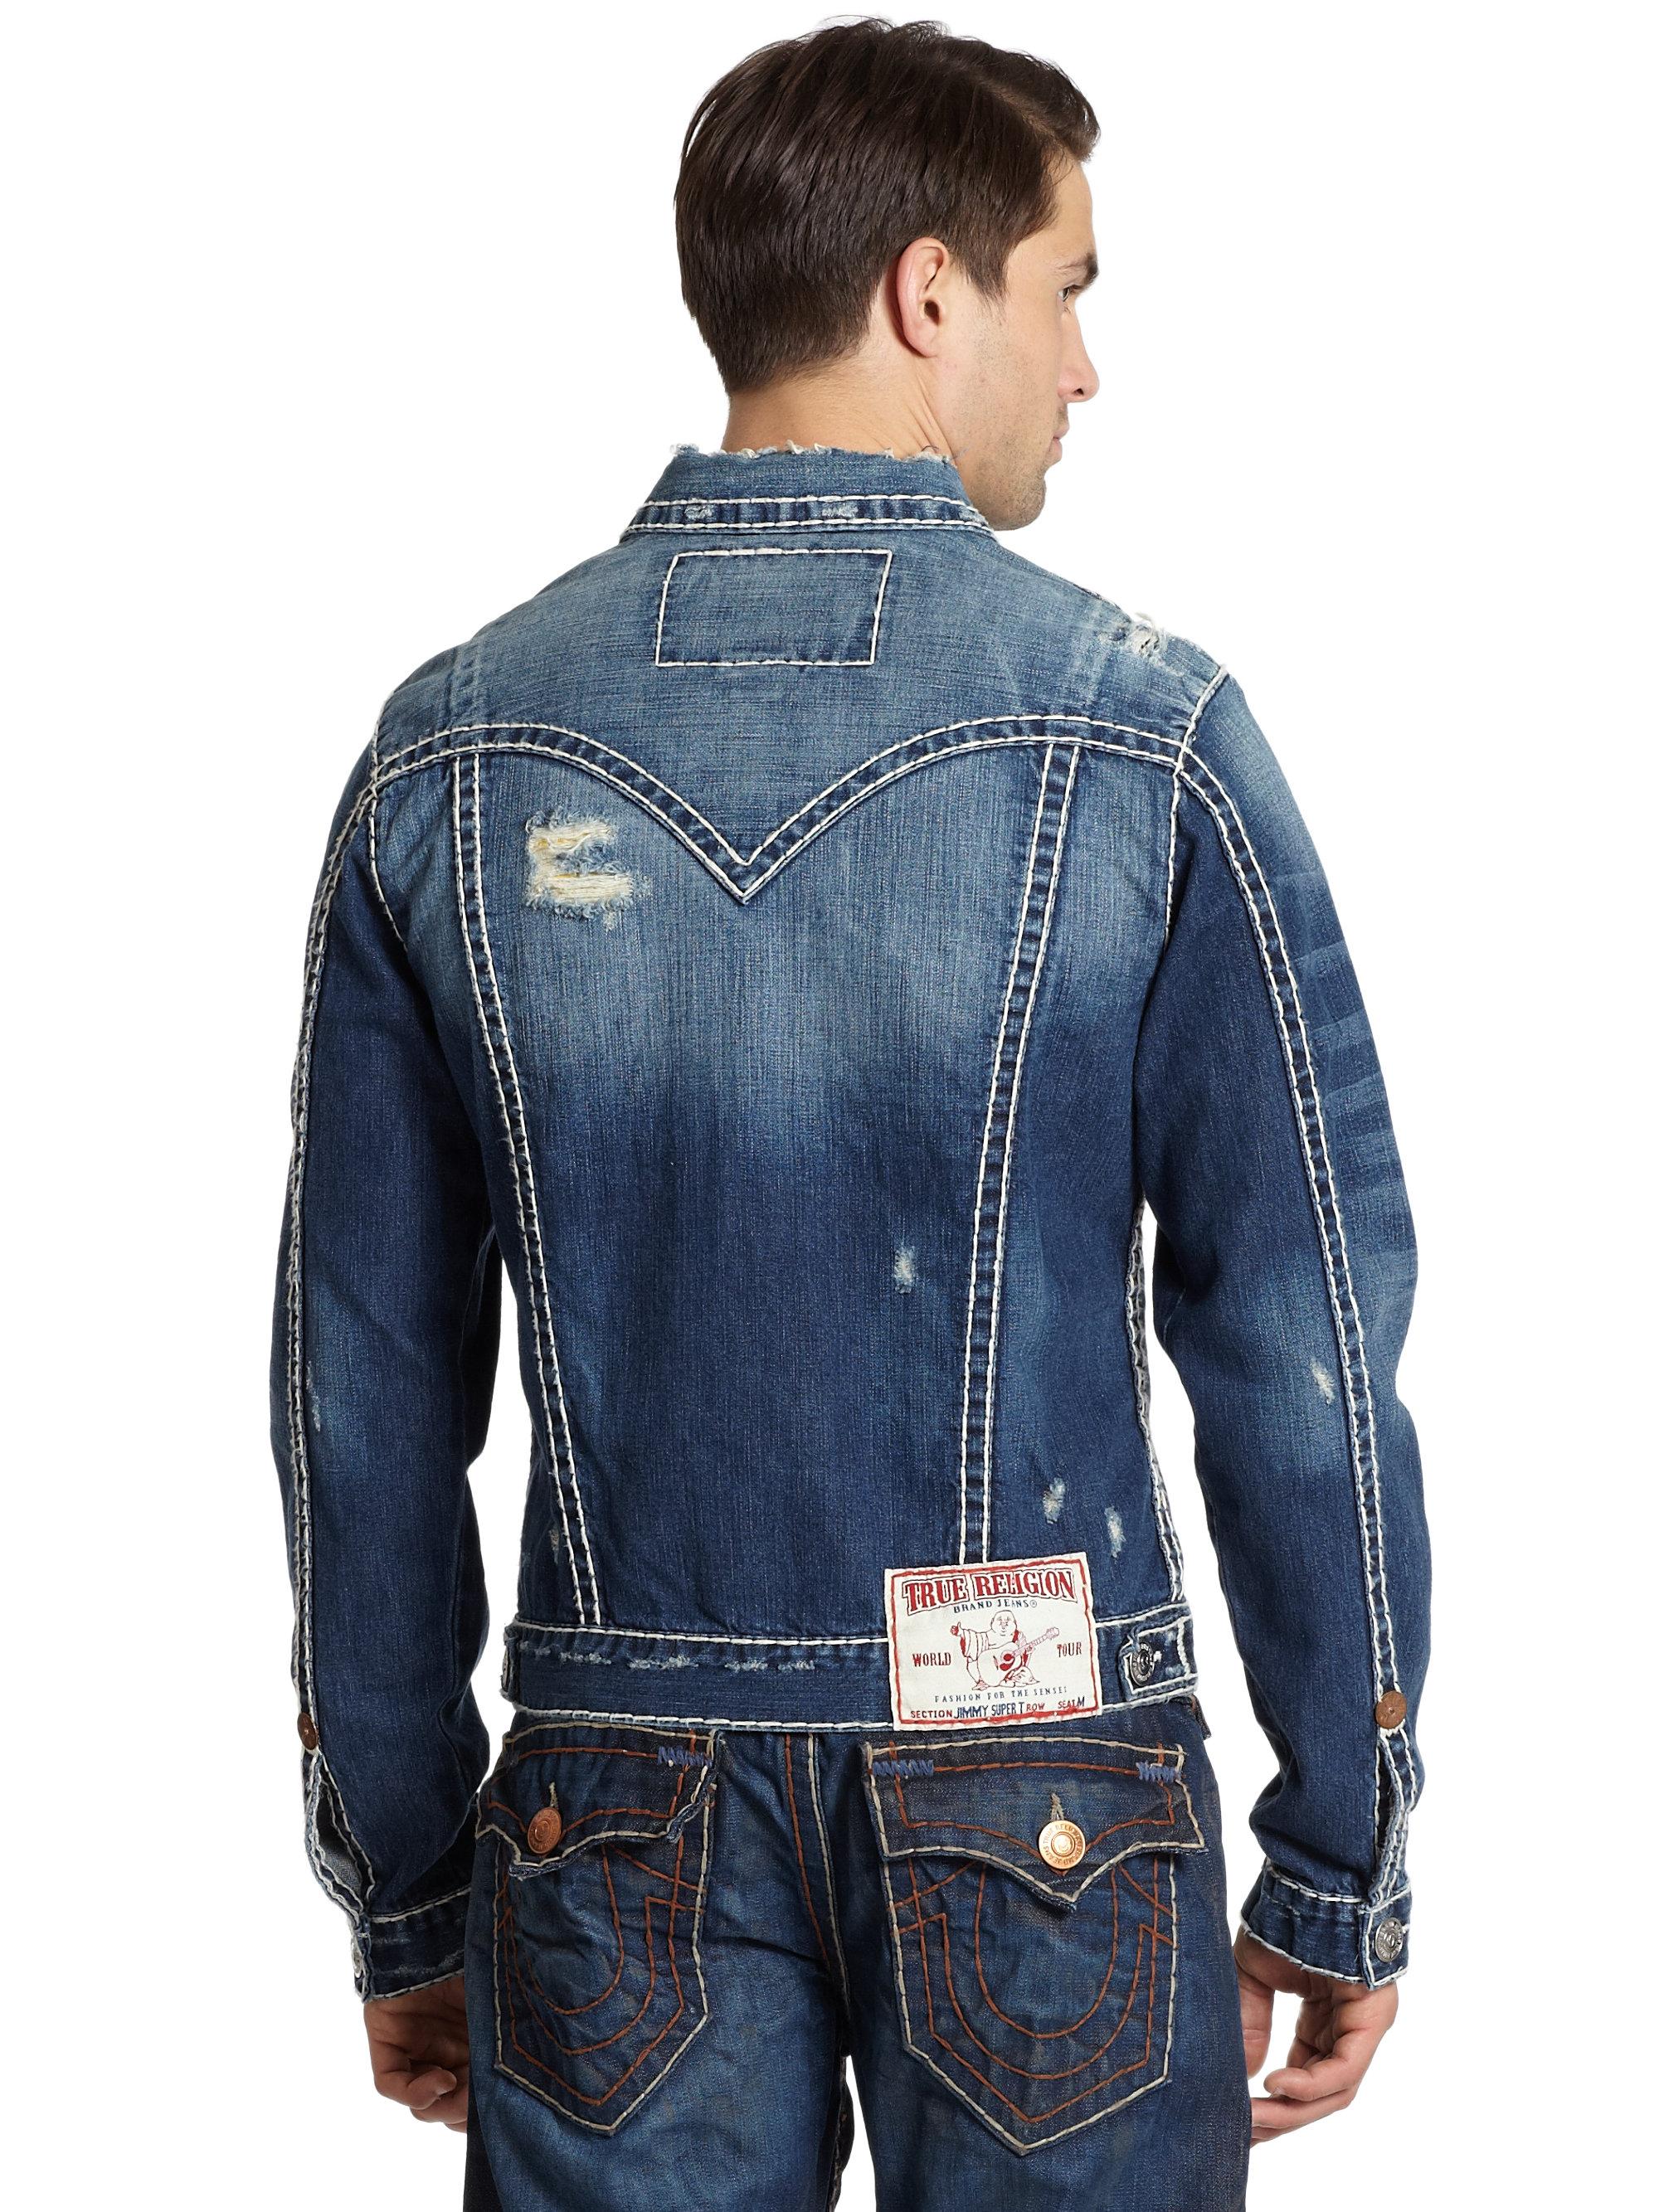 Silver Brand Jean Jacket